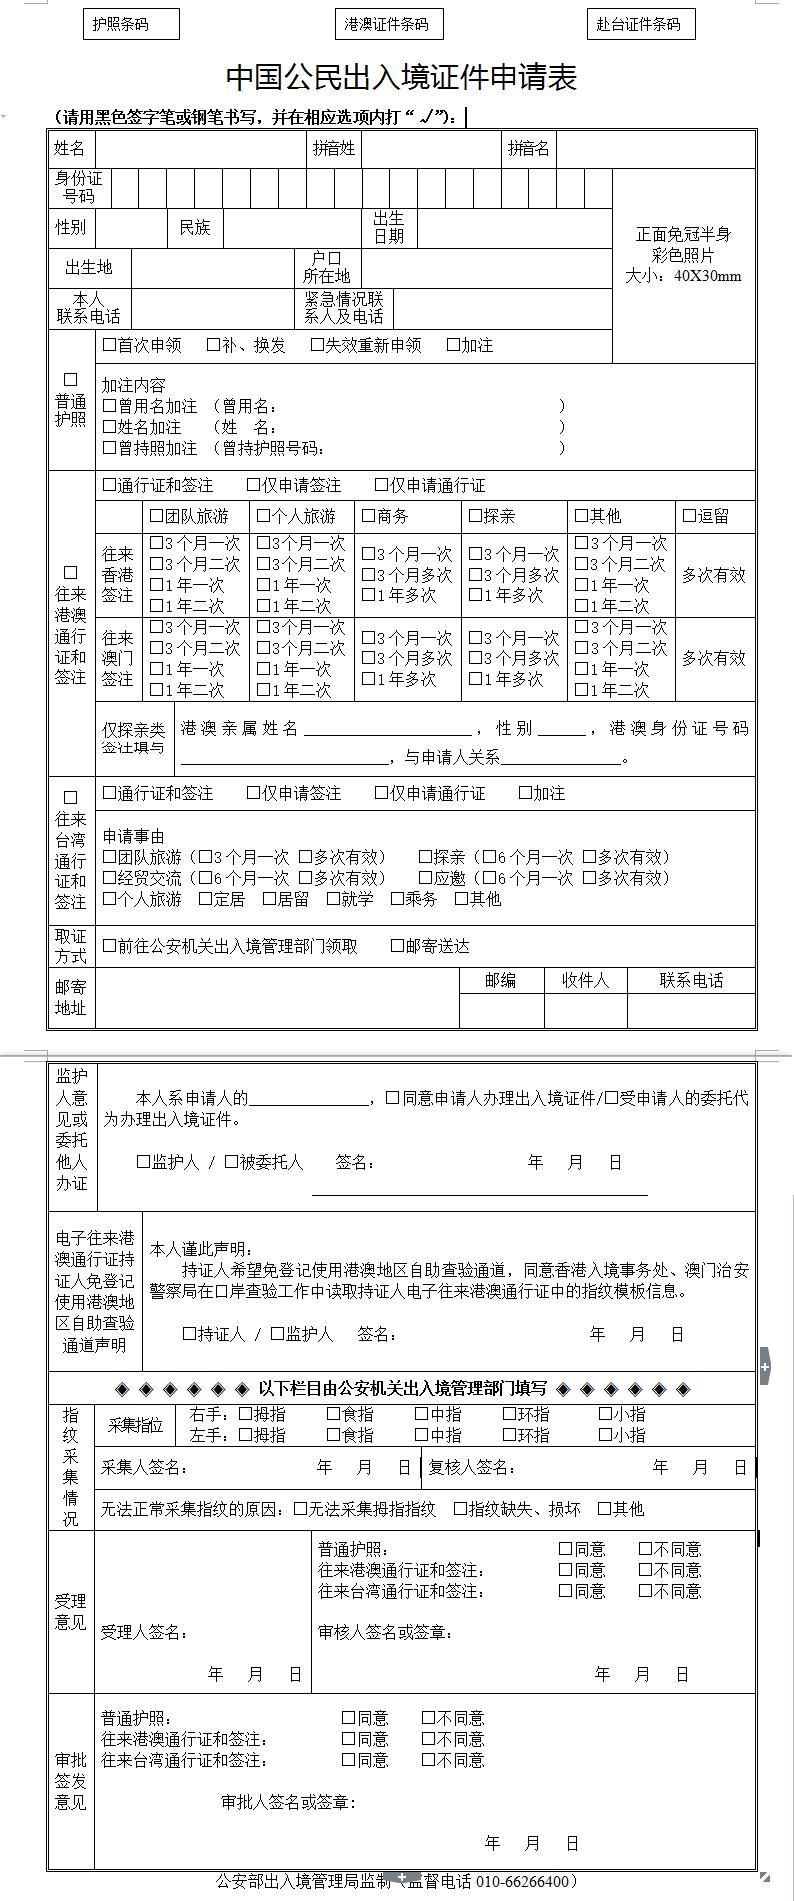 宣城出入境证件申请表